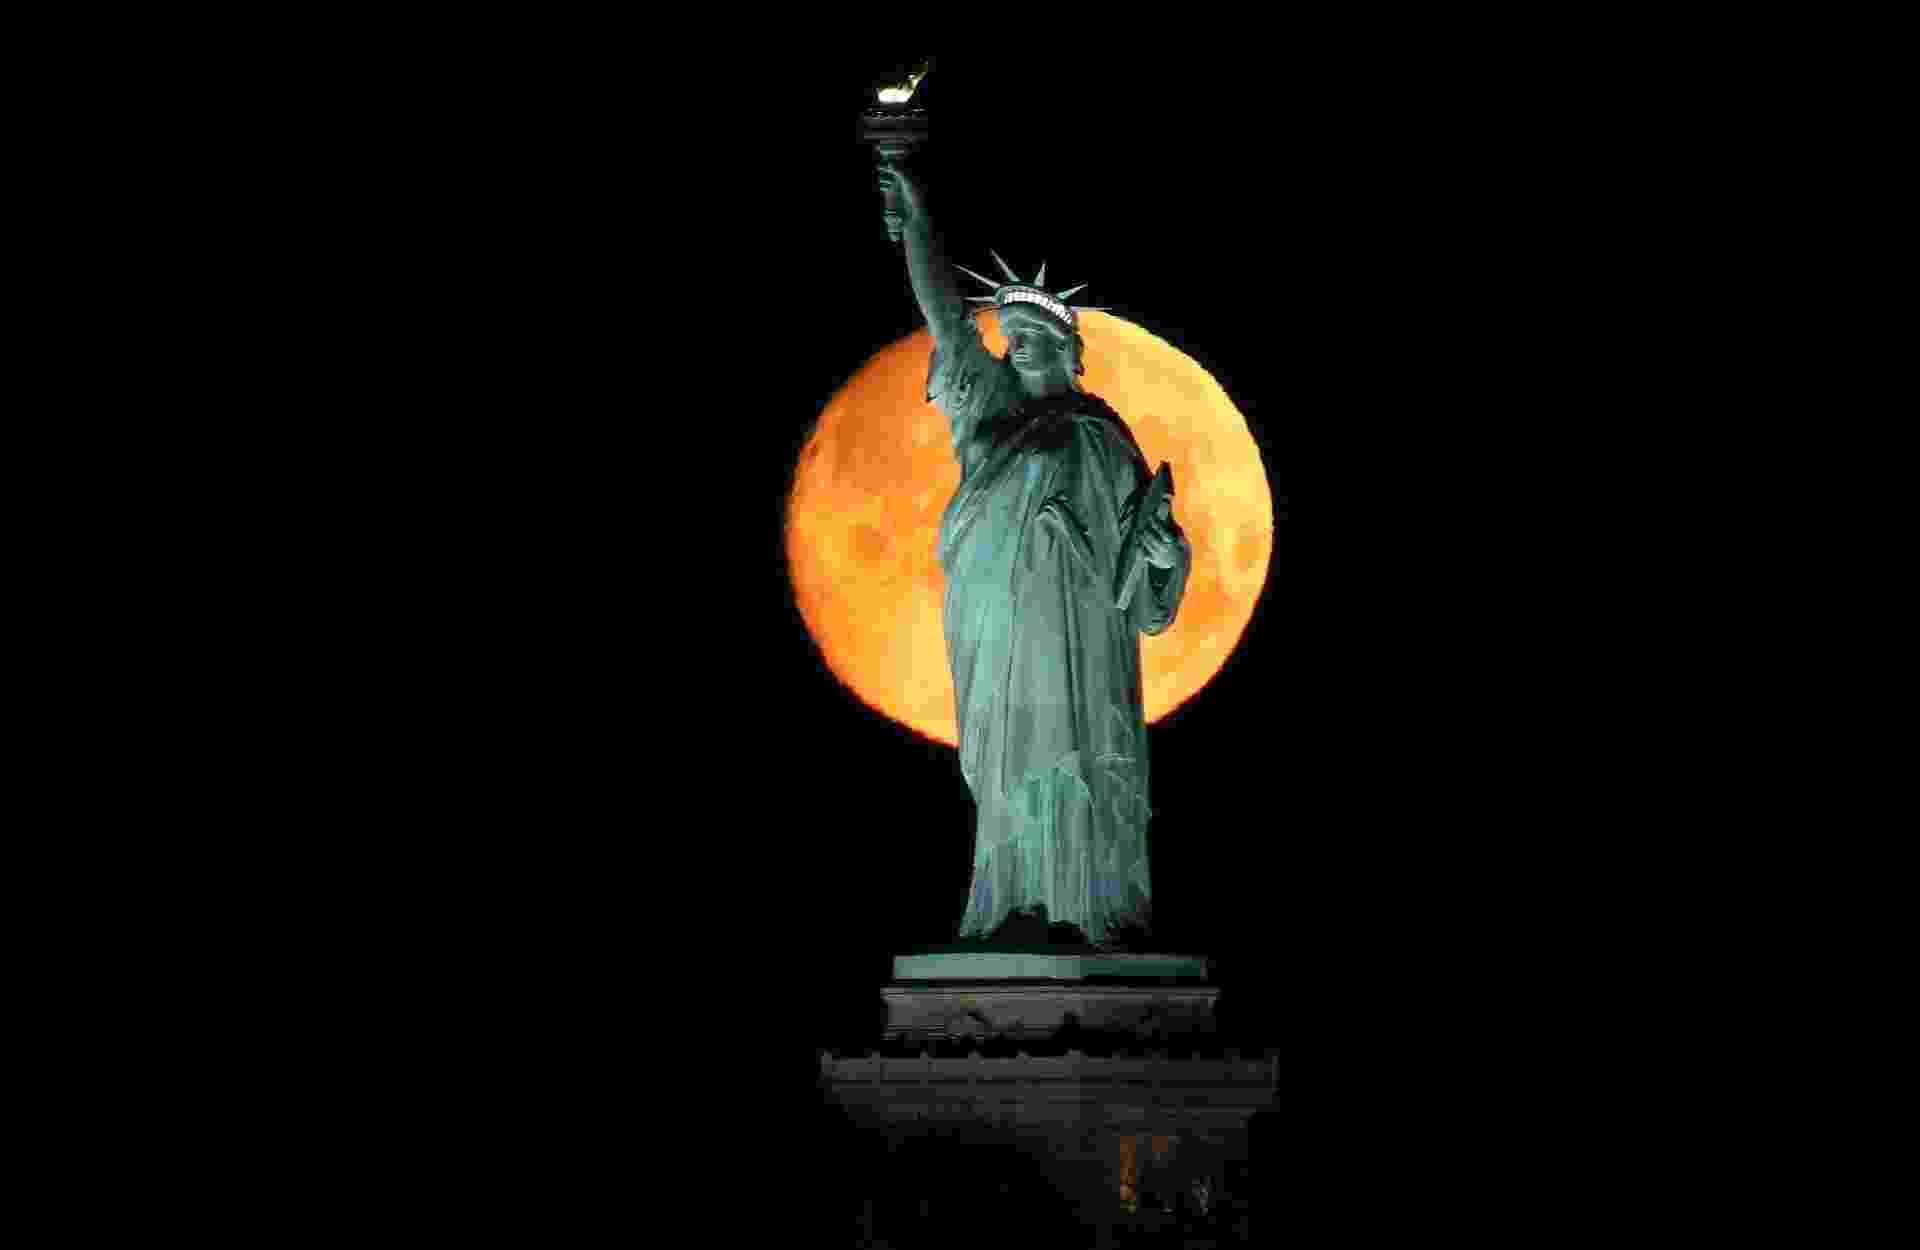 Superlua 97,6% cheia se põe atrás da Estátua da Liberdade. 08/03/2020 em Nova Iorque. (Foto por Gary Hershorn/Getty Images) - Gary Hershorn/Getty Images